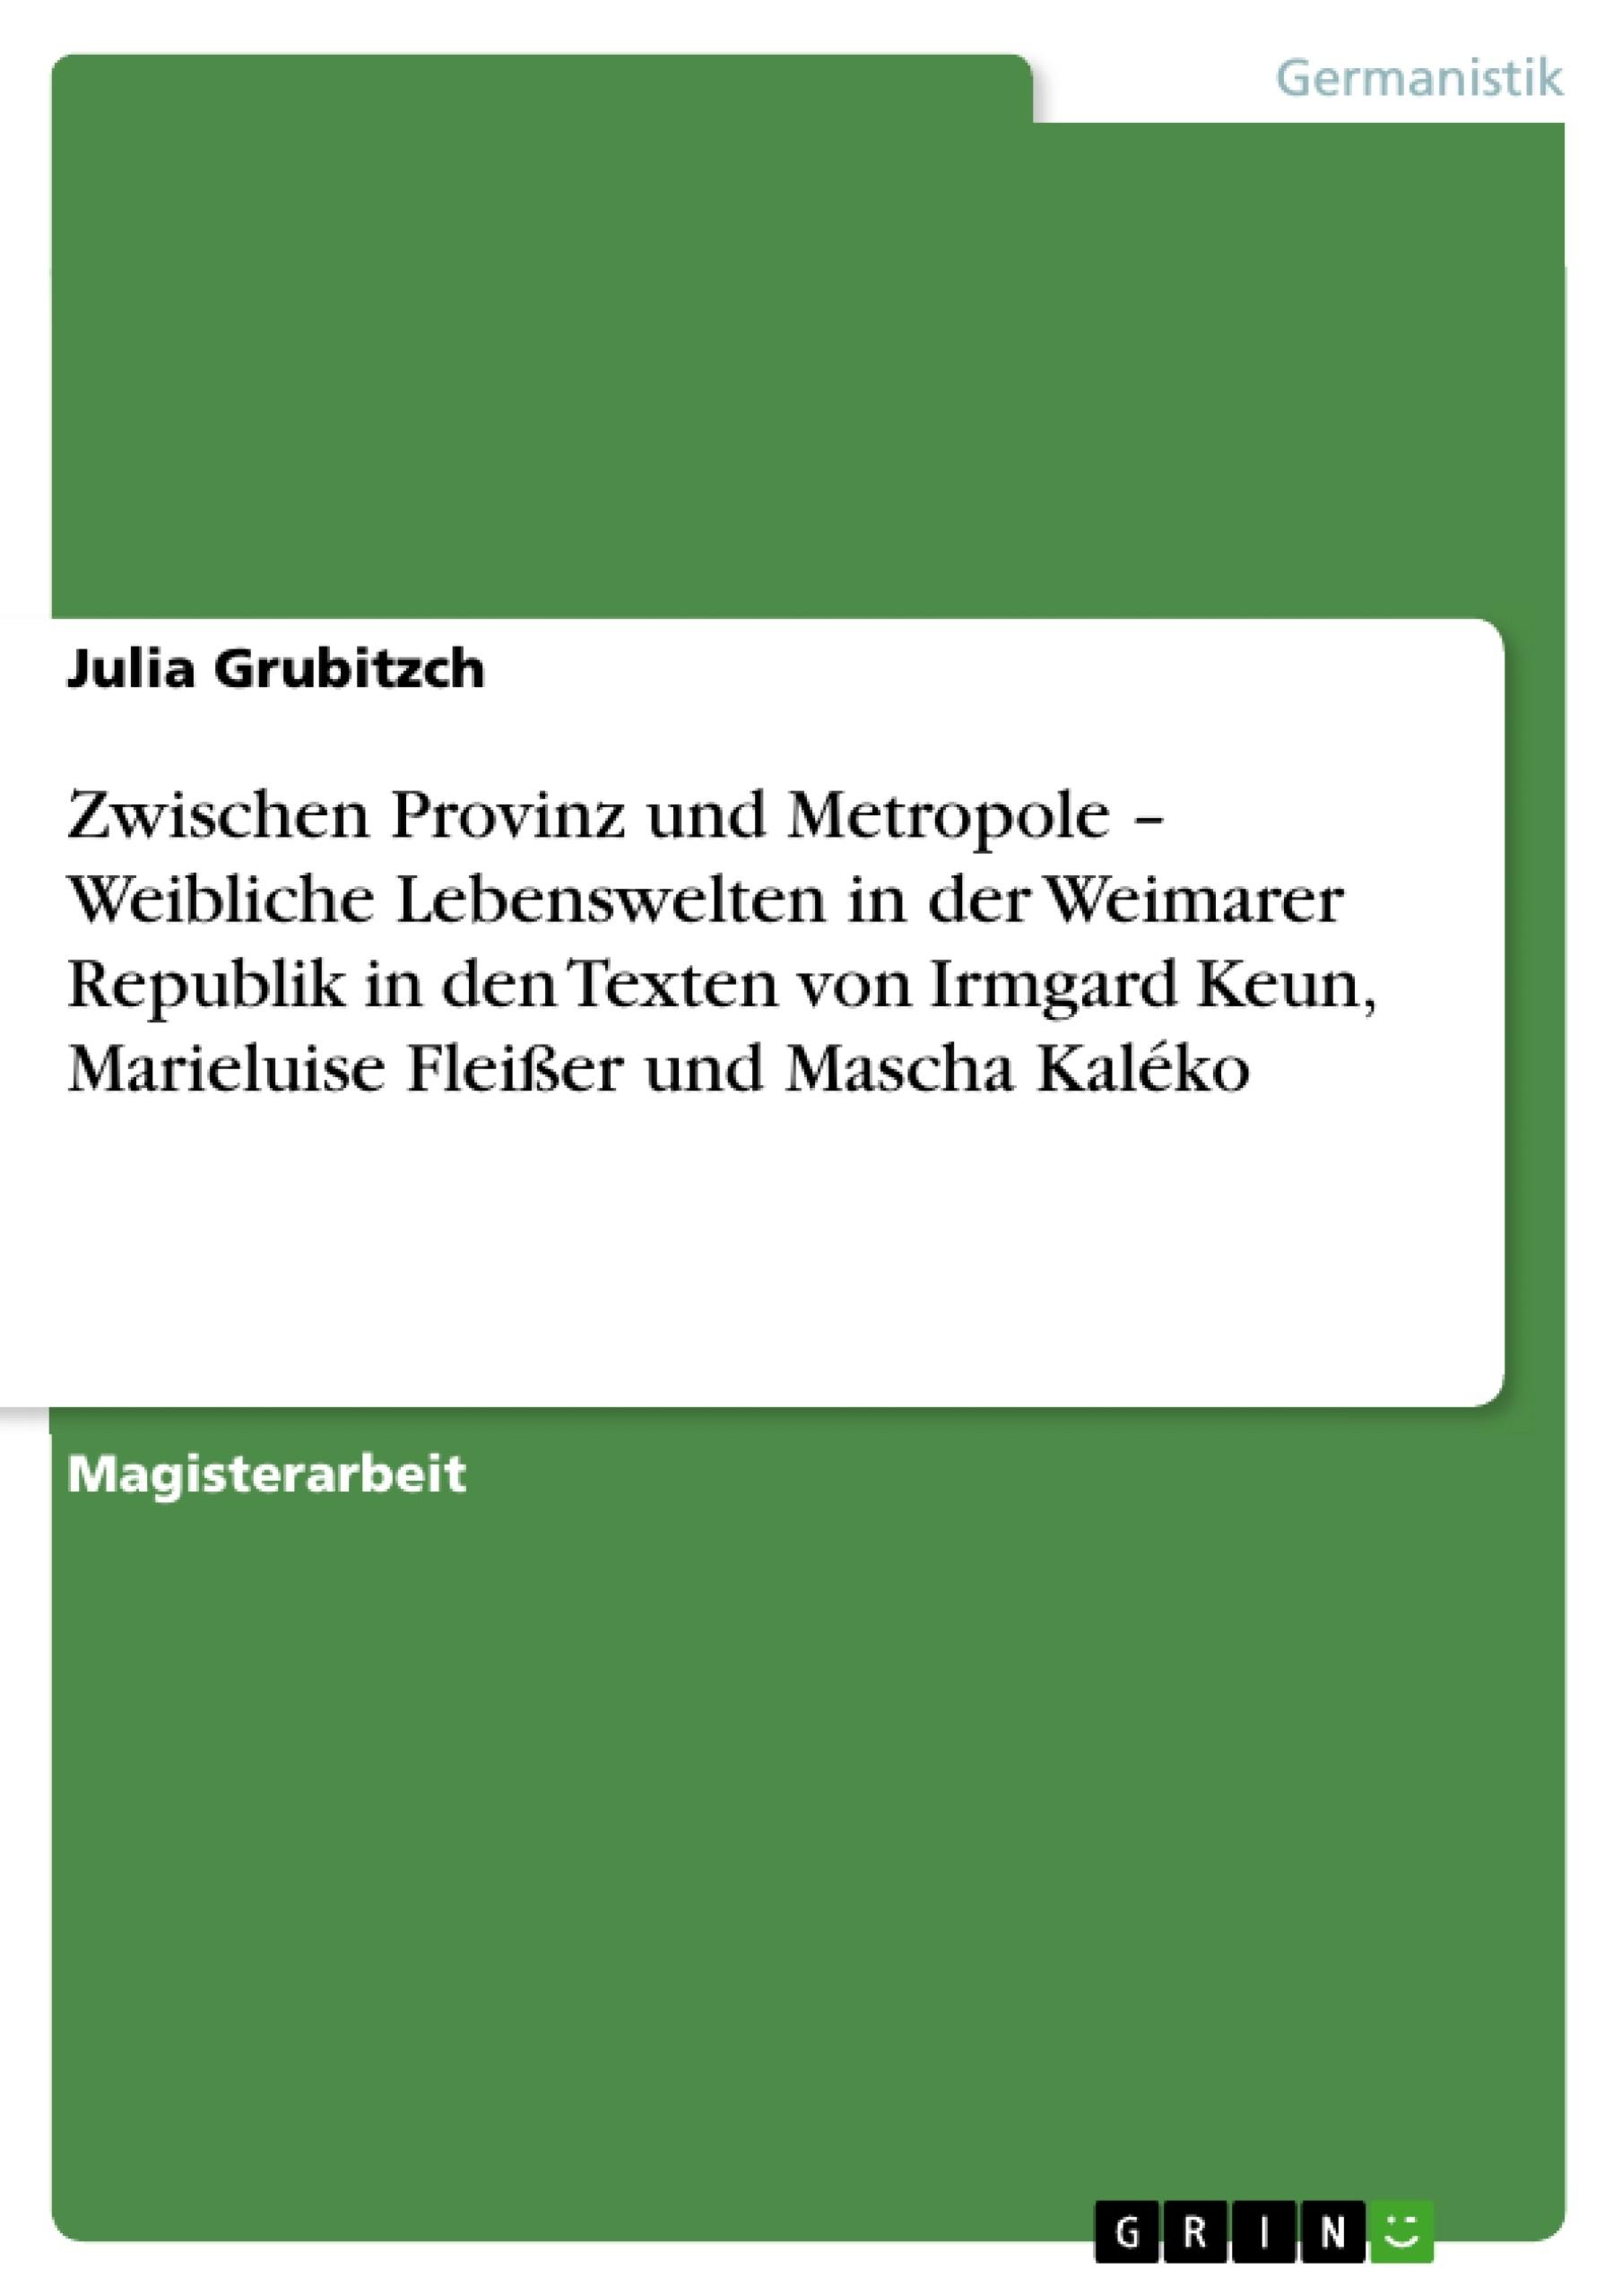 Titel: Zwischen Provinz und Metropole – Weibliche Lebenswelten in der Weimarer Republik in den Texten von Irmgard Keun, Marieluise Fleißer und Mascha Kaléko